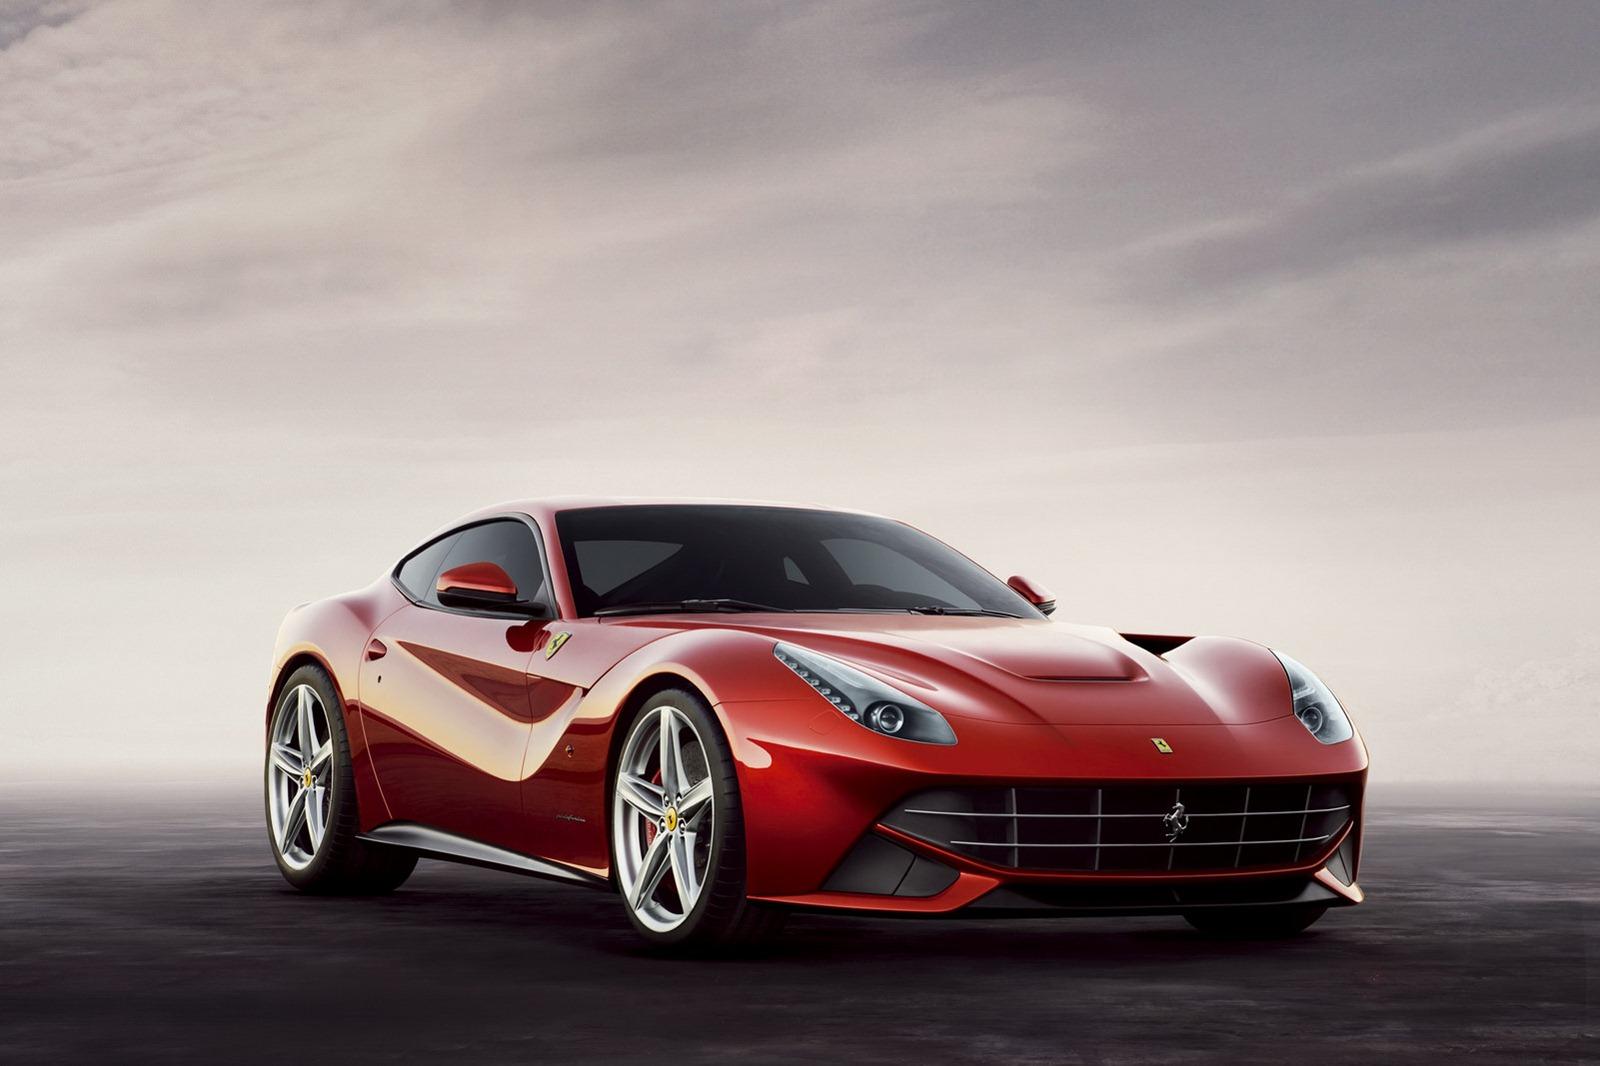 http://1.bp.blogspot.com/-IiBfyV9cfkM/T2QdtFPOSYI/AAAAAAAACmY/ogUzbETz1ro/s1600/Ferrari-F12Berlinetta-wallpaper_9.jpg